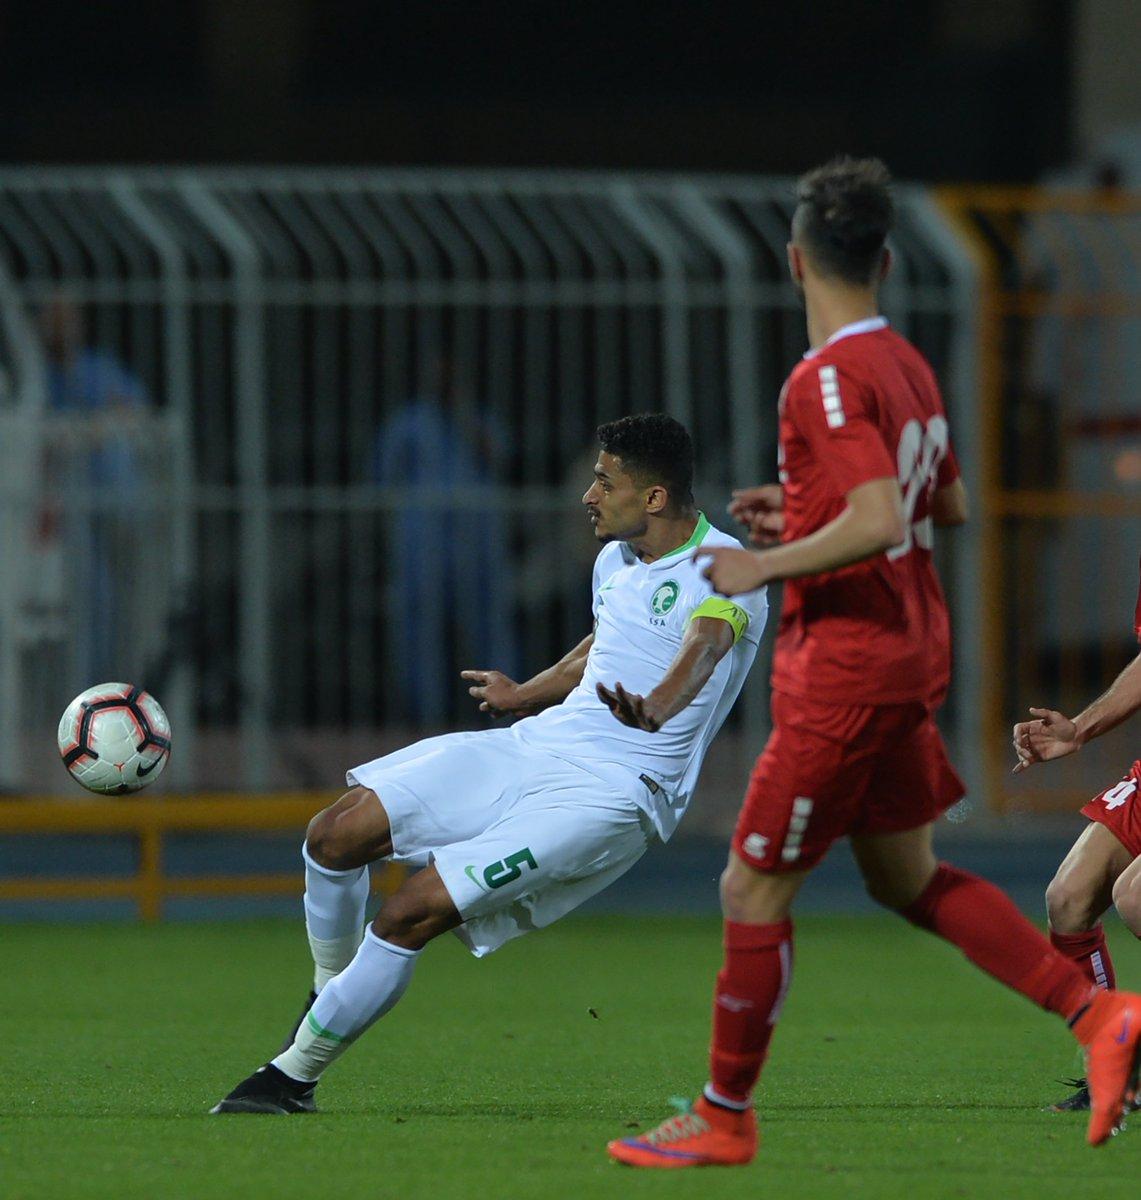 الأخضر يتغلب على لبنان بهدفين نظيفين ضمن الجولة الثانية من التصفيات الآسيوية